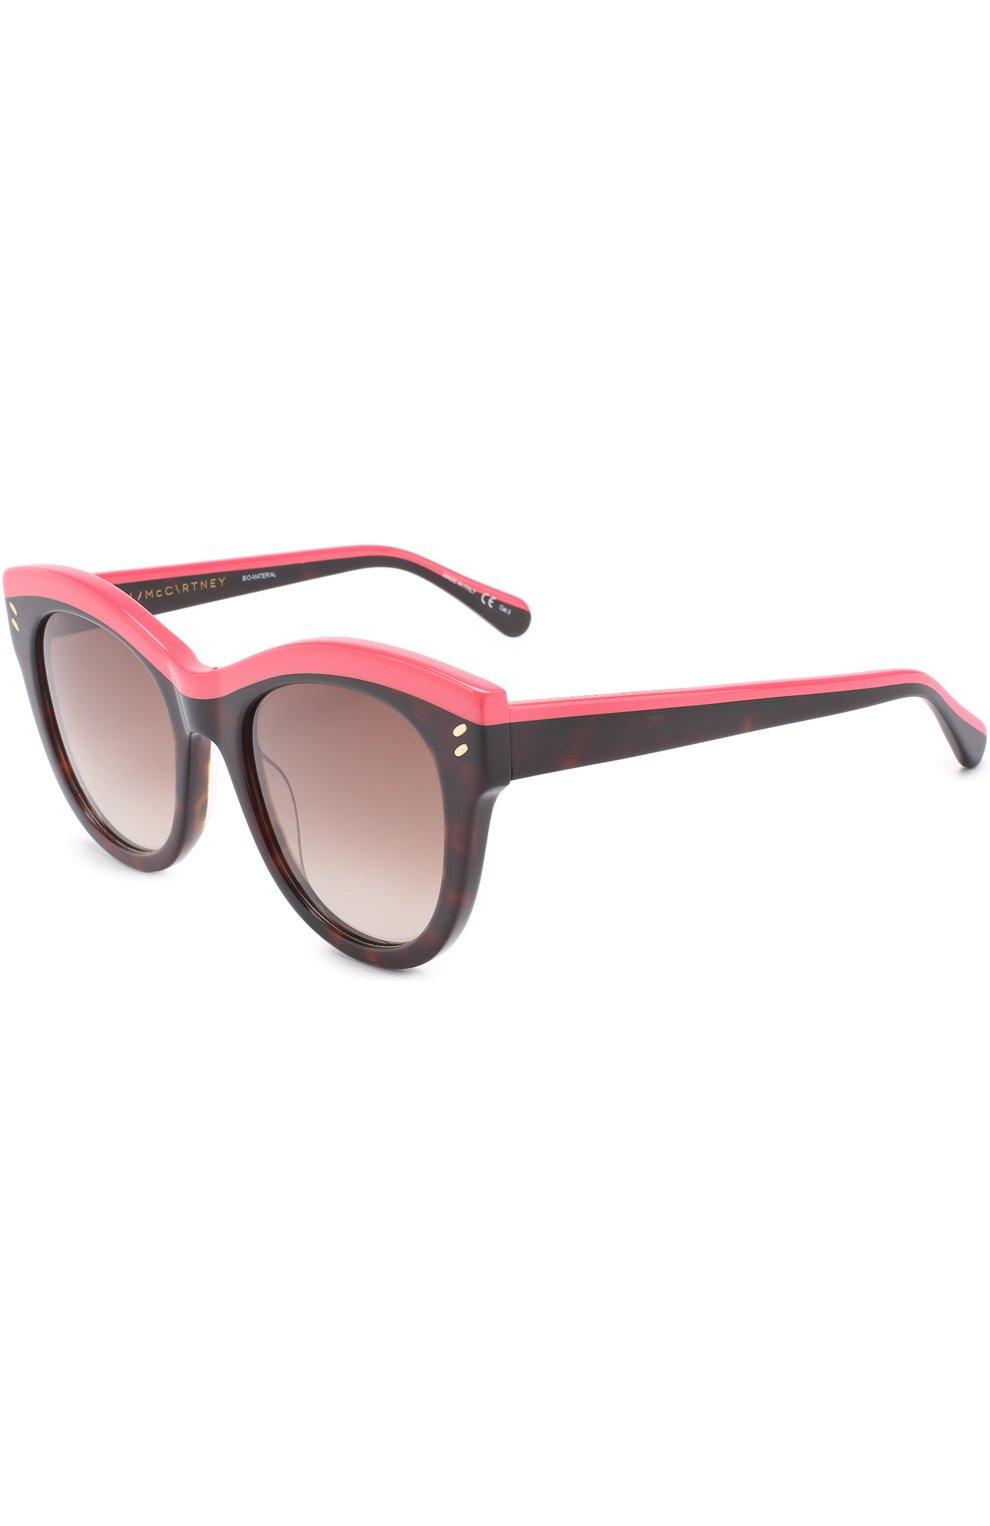 Женские солнцезащитные очки STELLA MCCARTNEY розового цвета, арт. 0021 003 | Фото 1